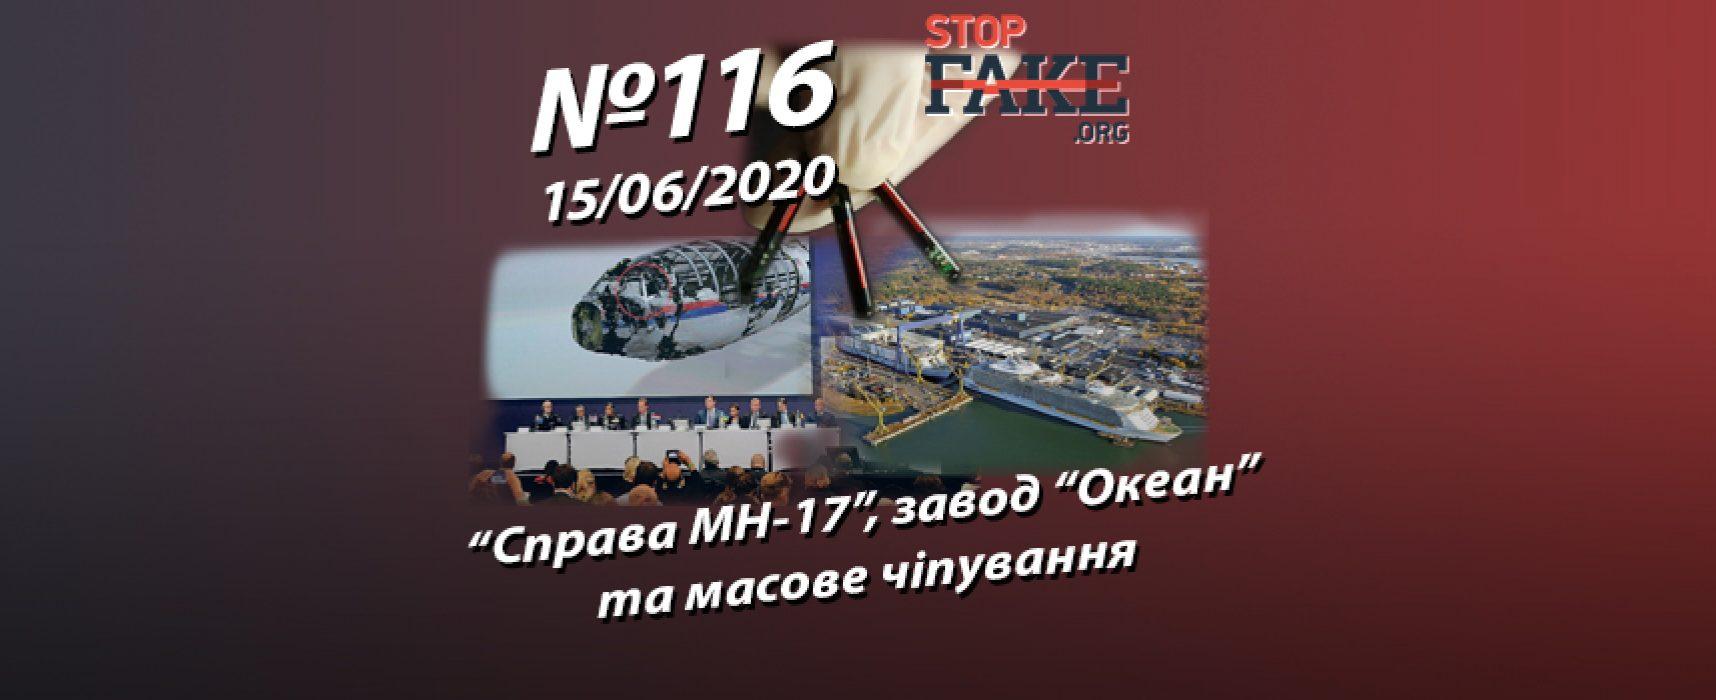 """""""Справа МH-17"""", завод """"Океан"""" та масове чіпування – StopFake.org"""